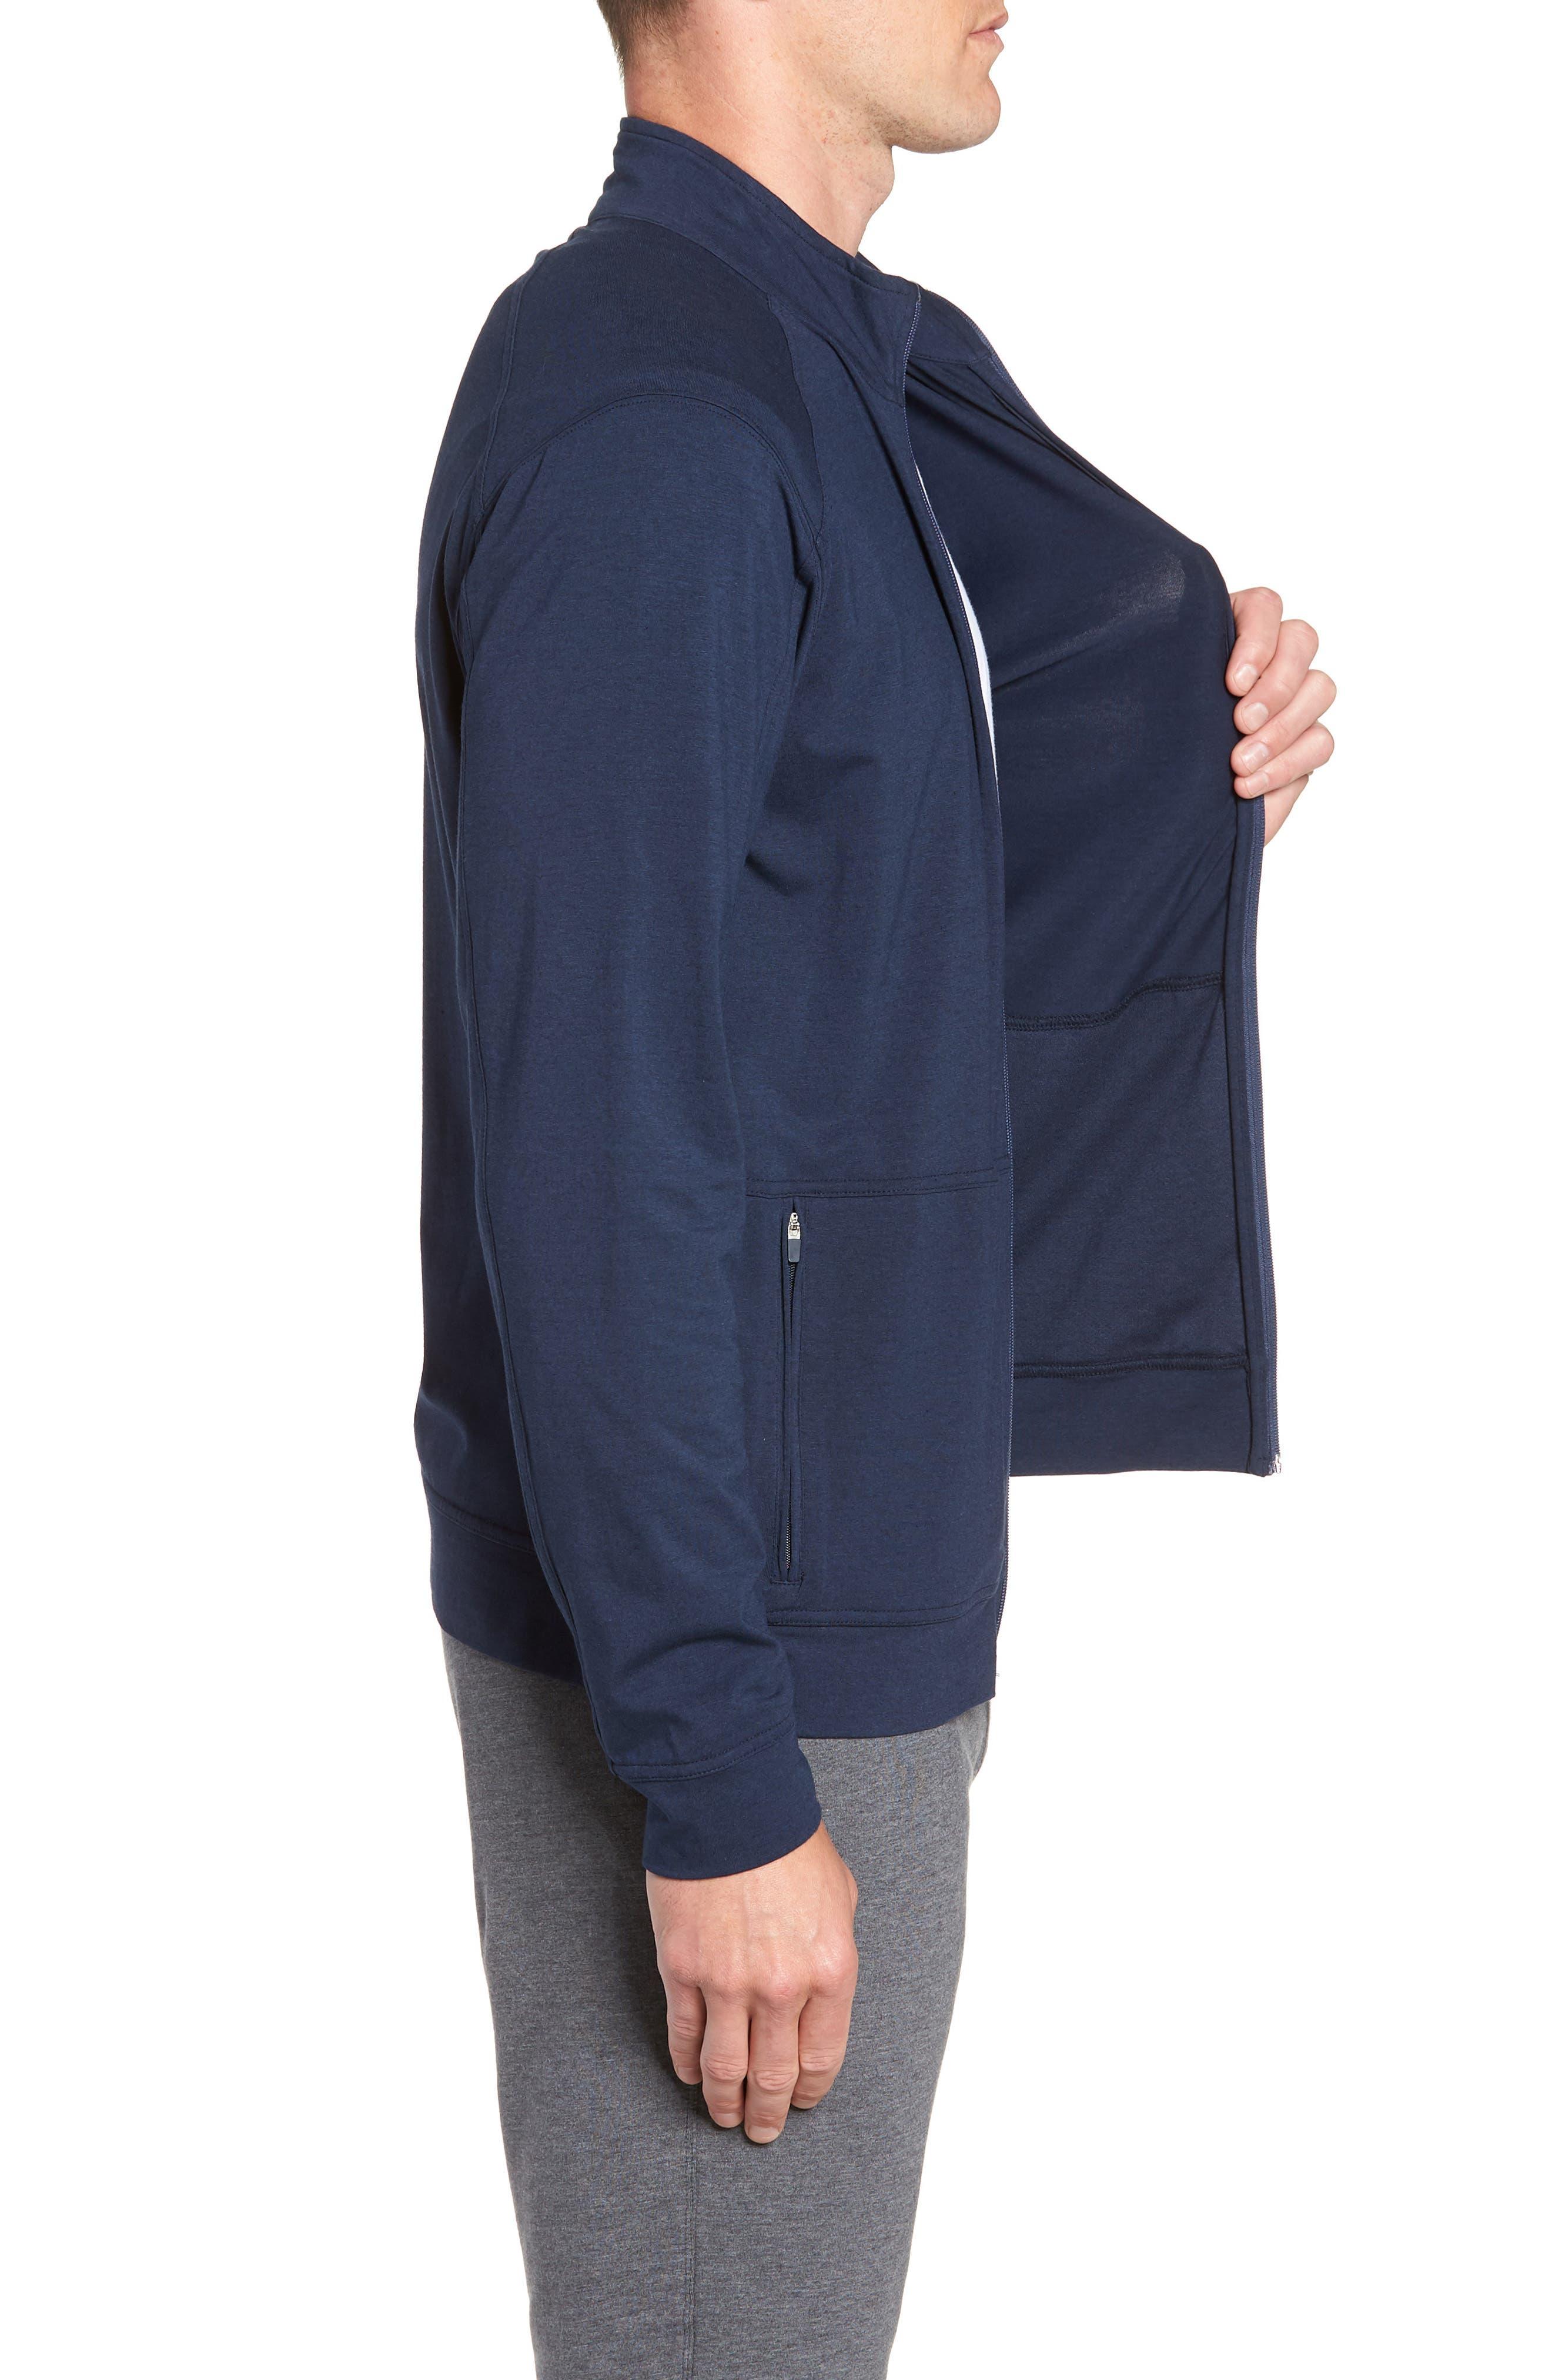 TASC PERFORMANCE,                             Carrollton Zip Jacket,                             Alternate thumbnail 3, color,                             CLASSIC NAVY